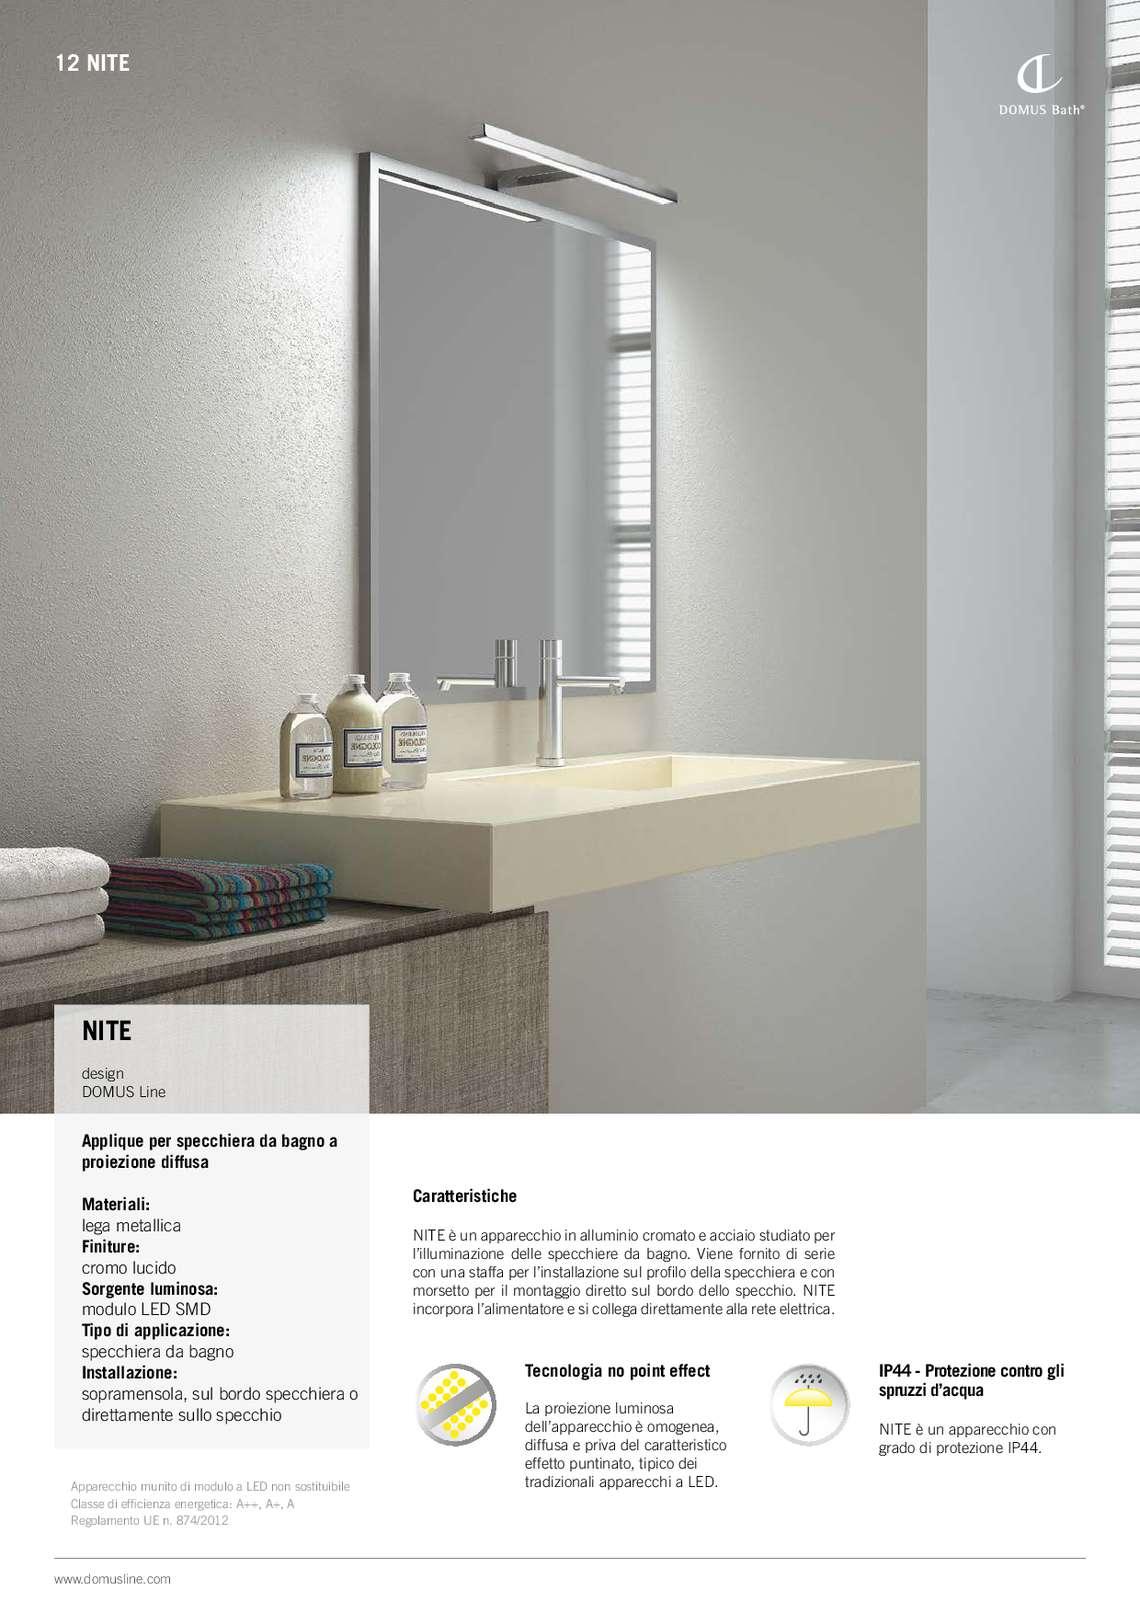 domus-line-bath_24_012.jpg